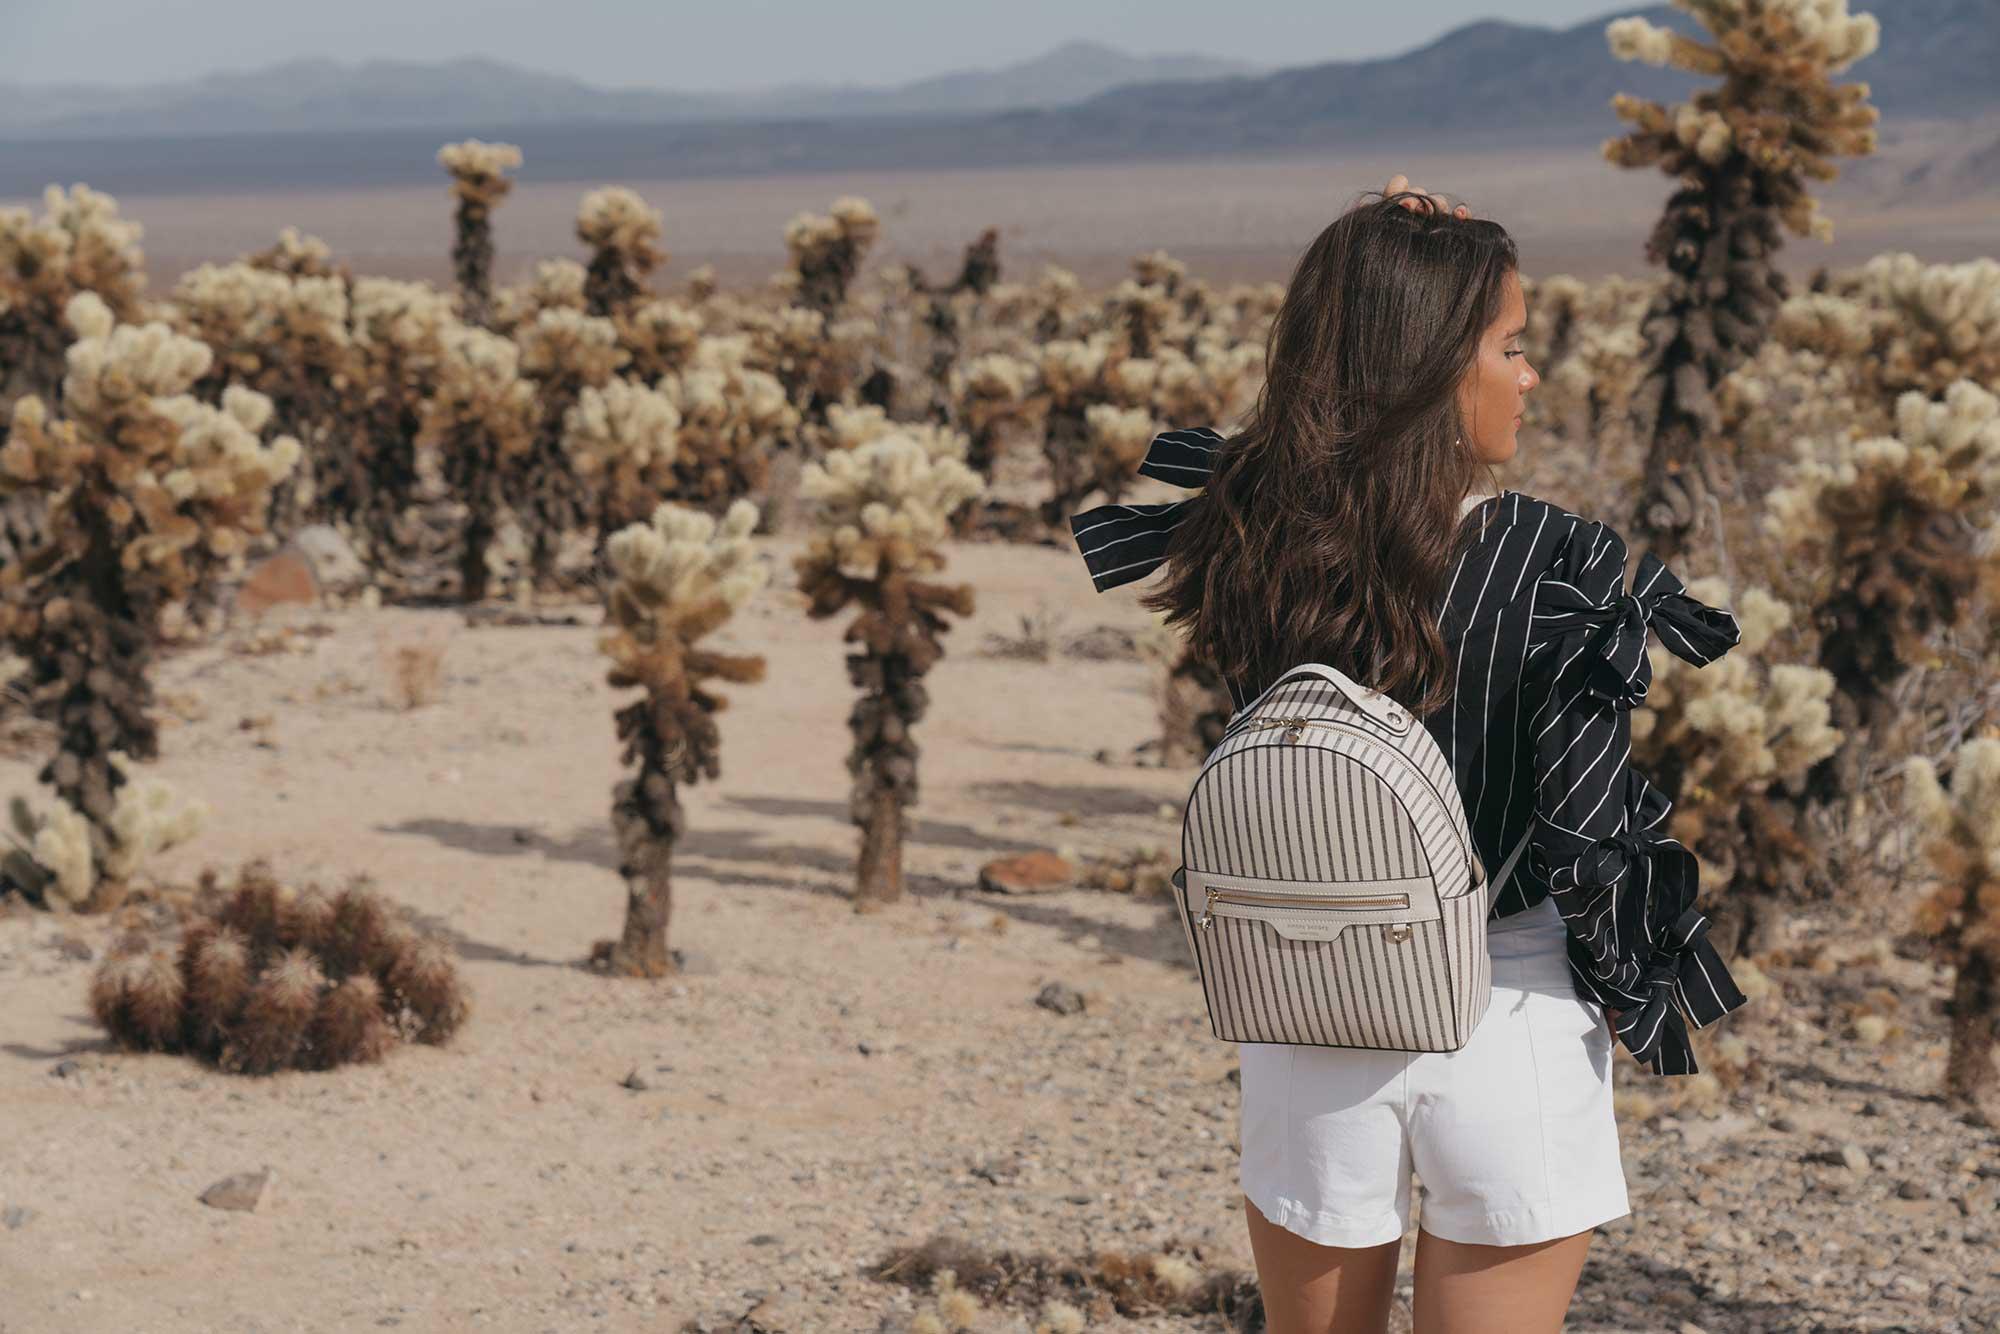 Henir Bendel WEST 57TH STRIPED BACKPACK festival outfit for Coachella Cholla Cactus Garden Joshua Tree Desert15.jpg